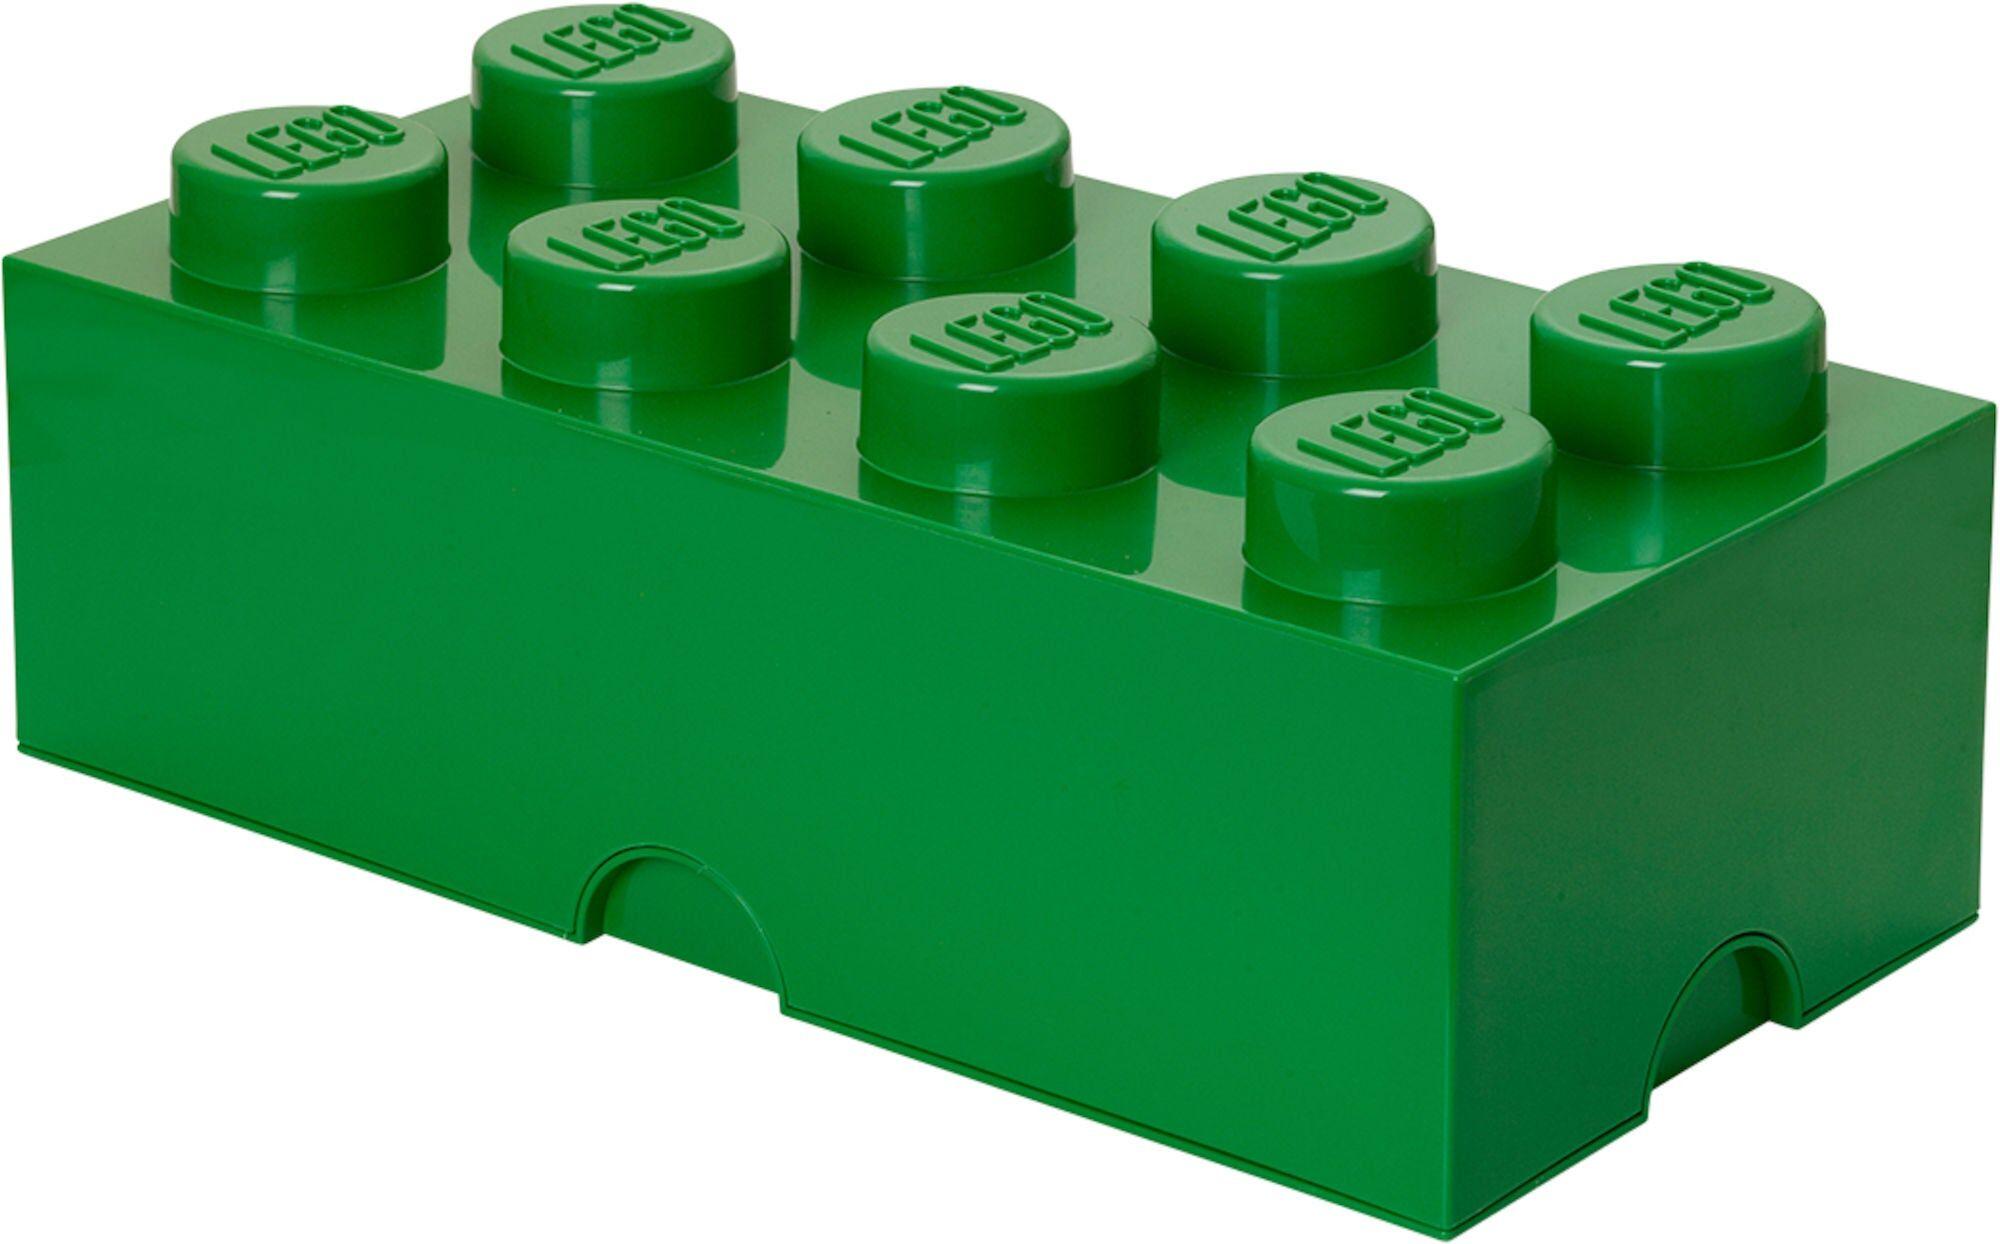 Lego Oppbevaring 8 Grønn